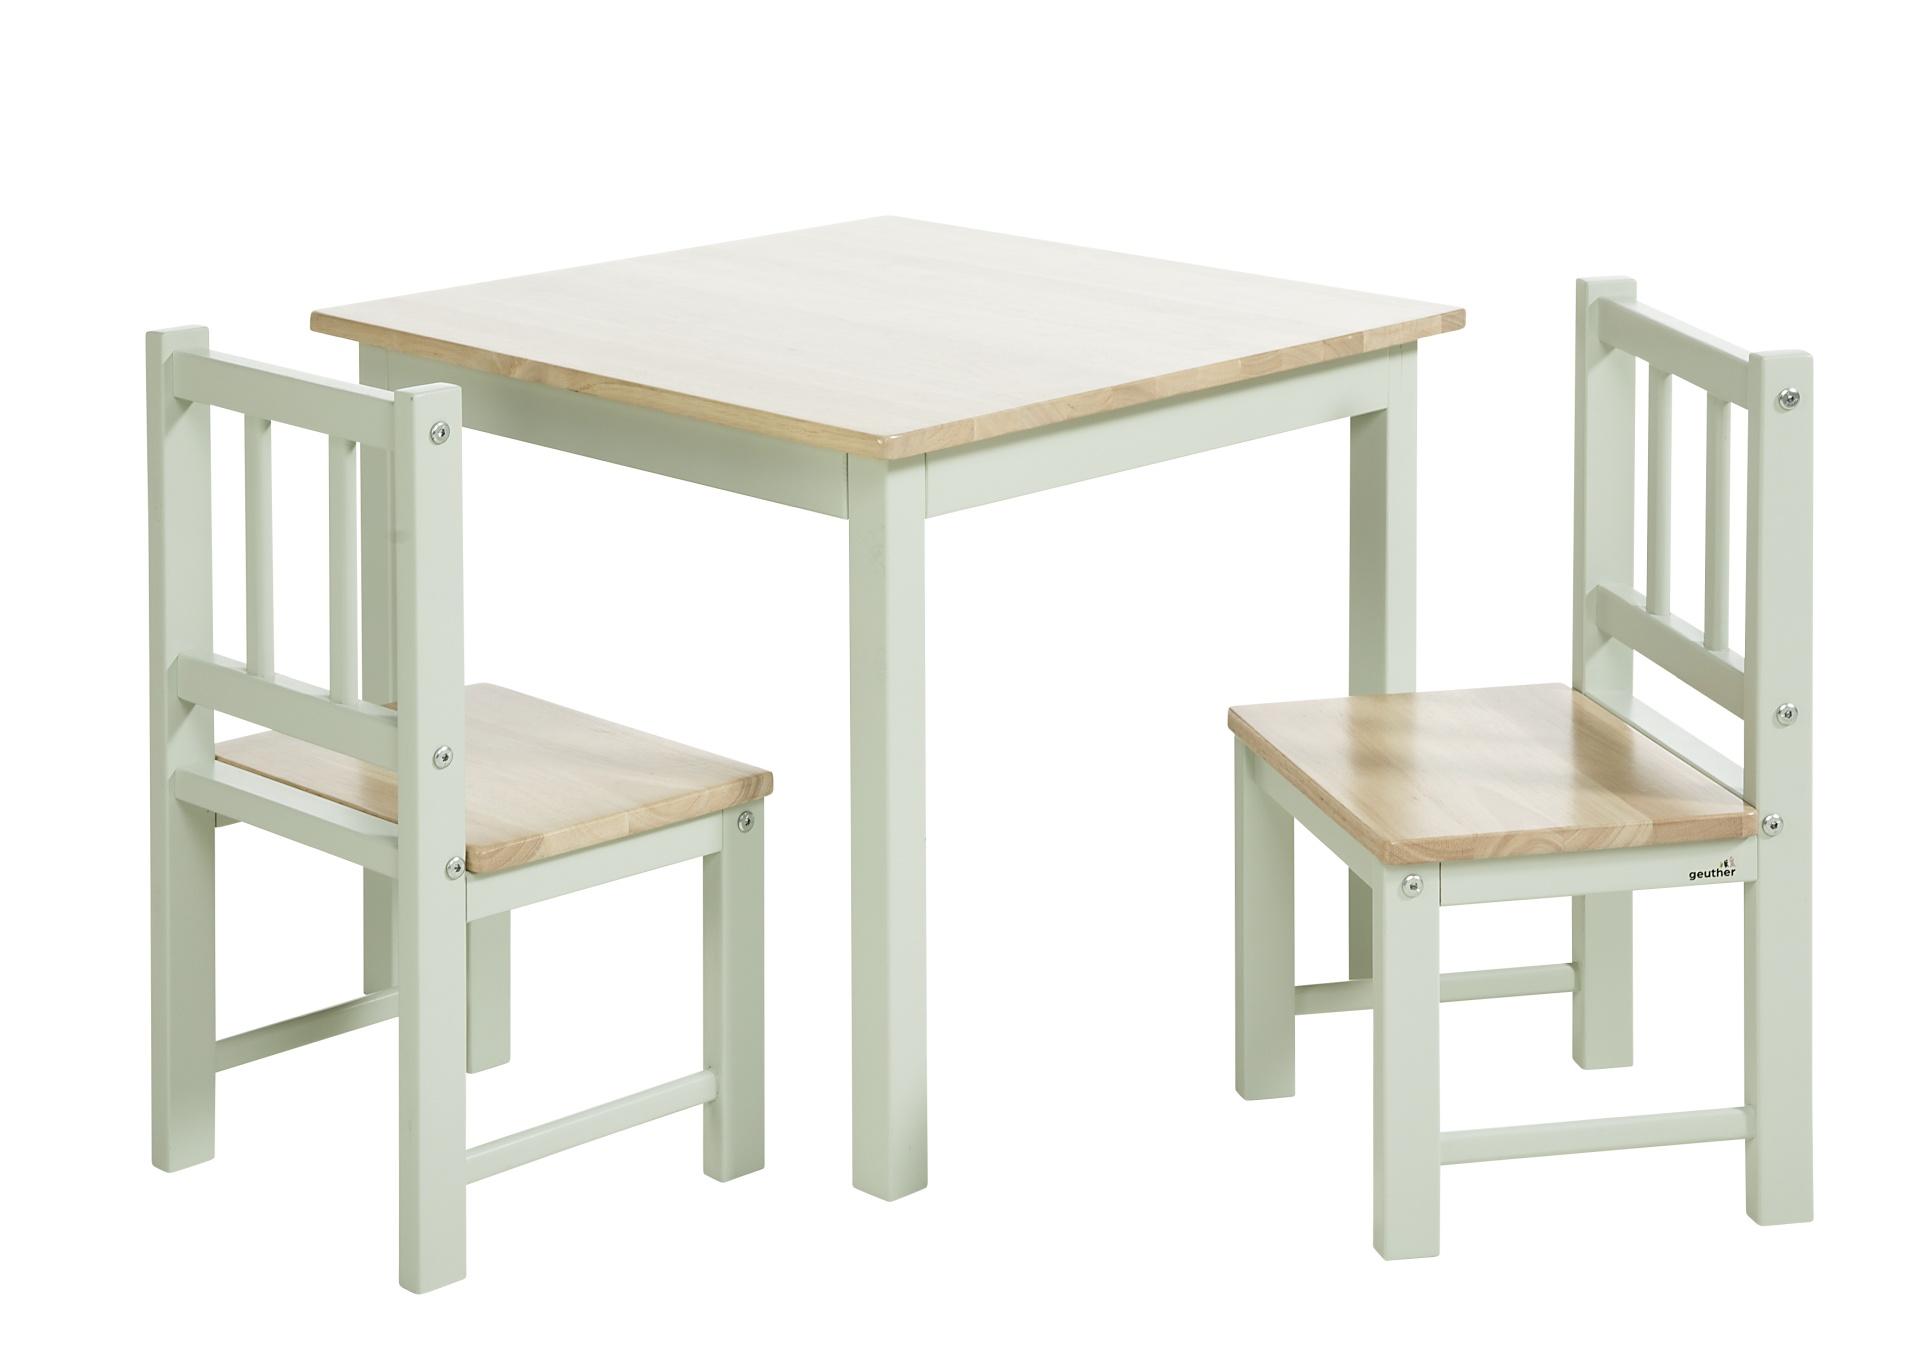 Sitzgruppe Sitzen Produkte Geuther